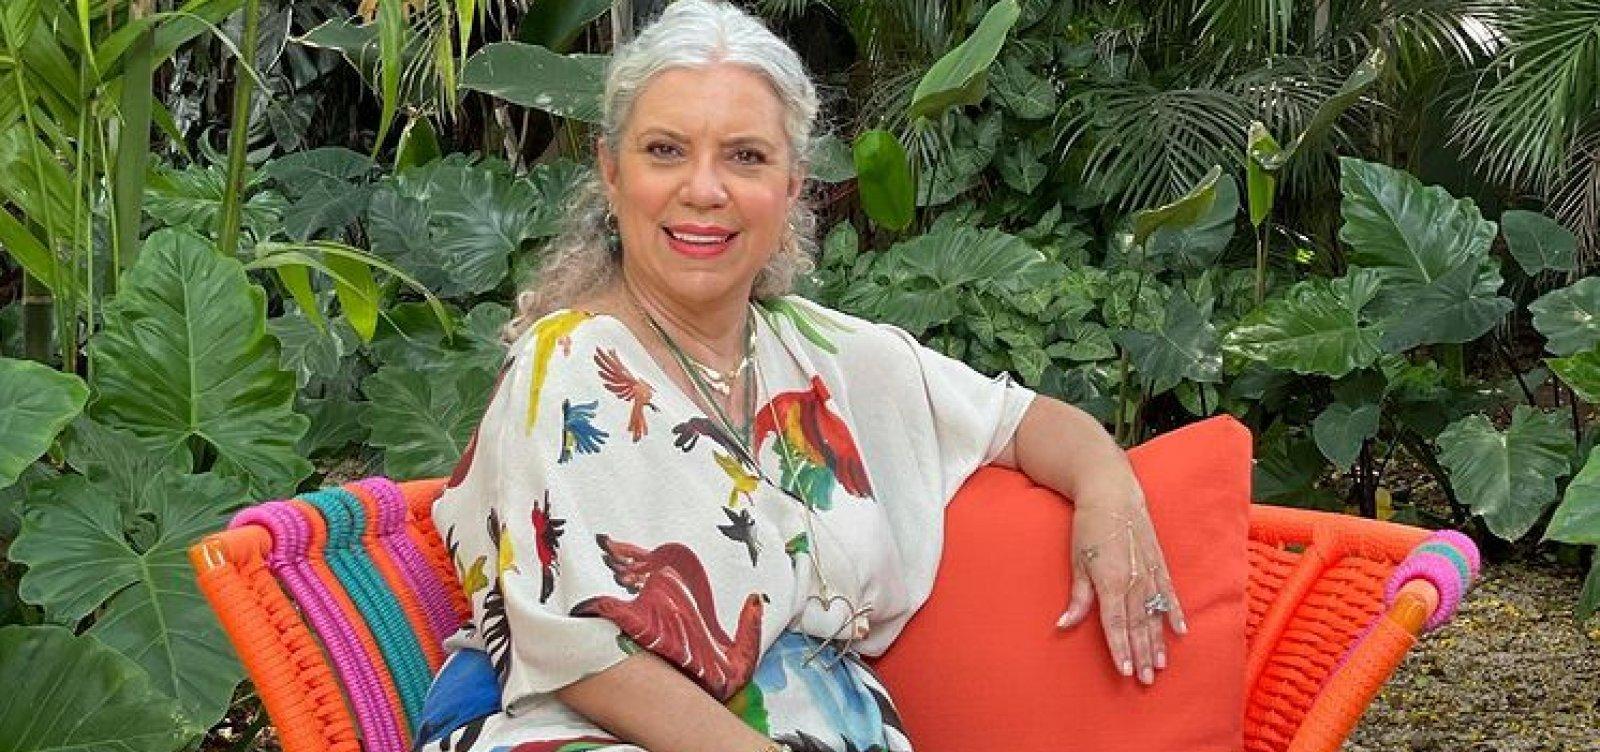 Astrid Fontenelle oferece um ano de 'publi' ao Itaú para manter Cine Glauber Rocha